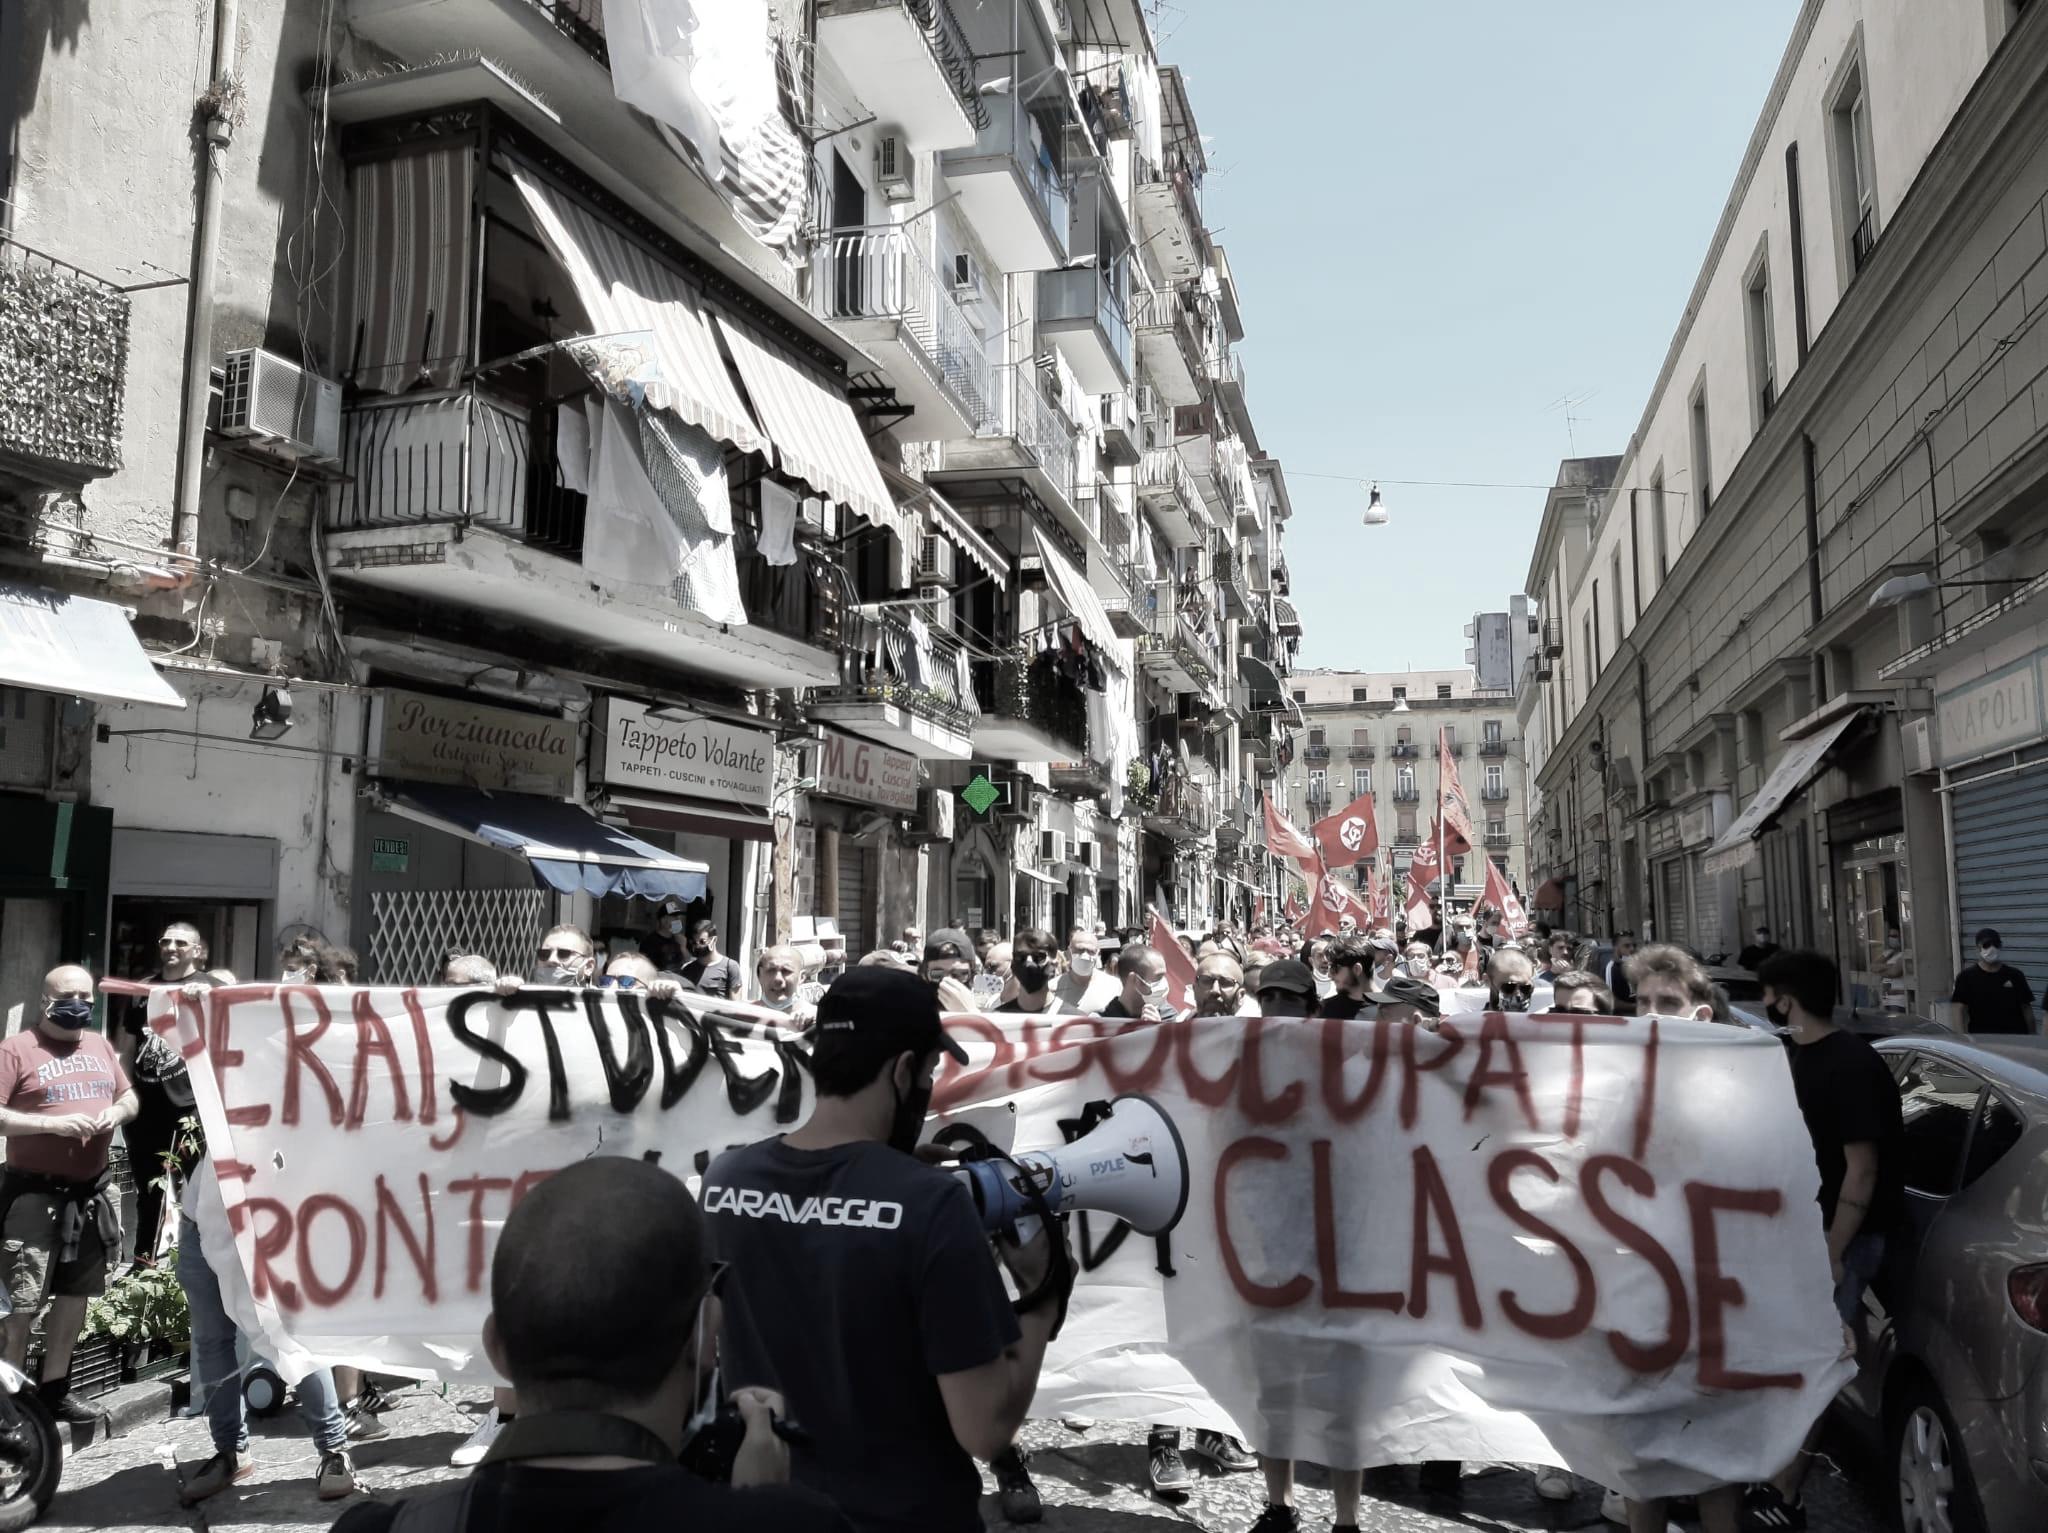 Fronte Unico di Classe 6 giugno Napoli